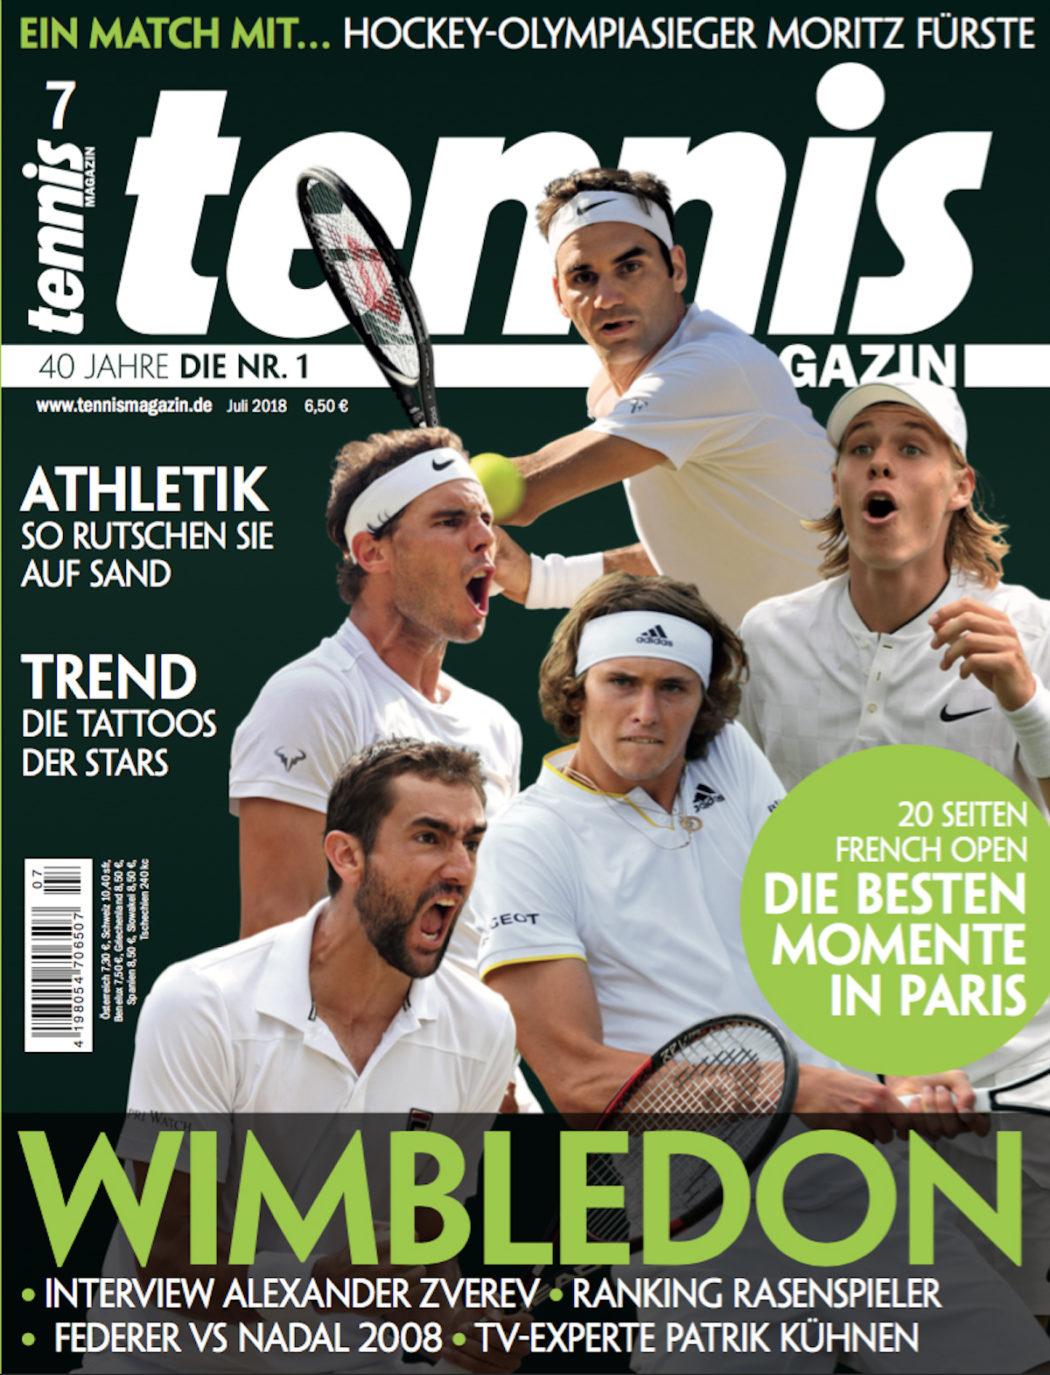 Tennis Magazin 7 2018  Wimbledon – das Highlight des Jahres - tennis ... 2409a2691dd98